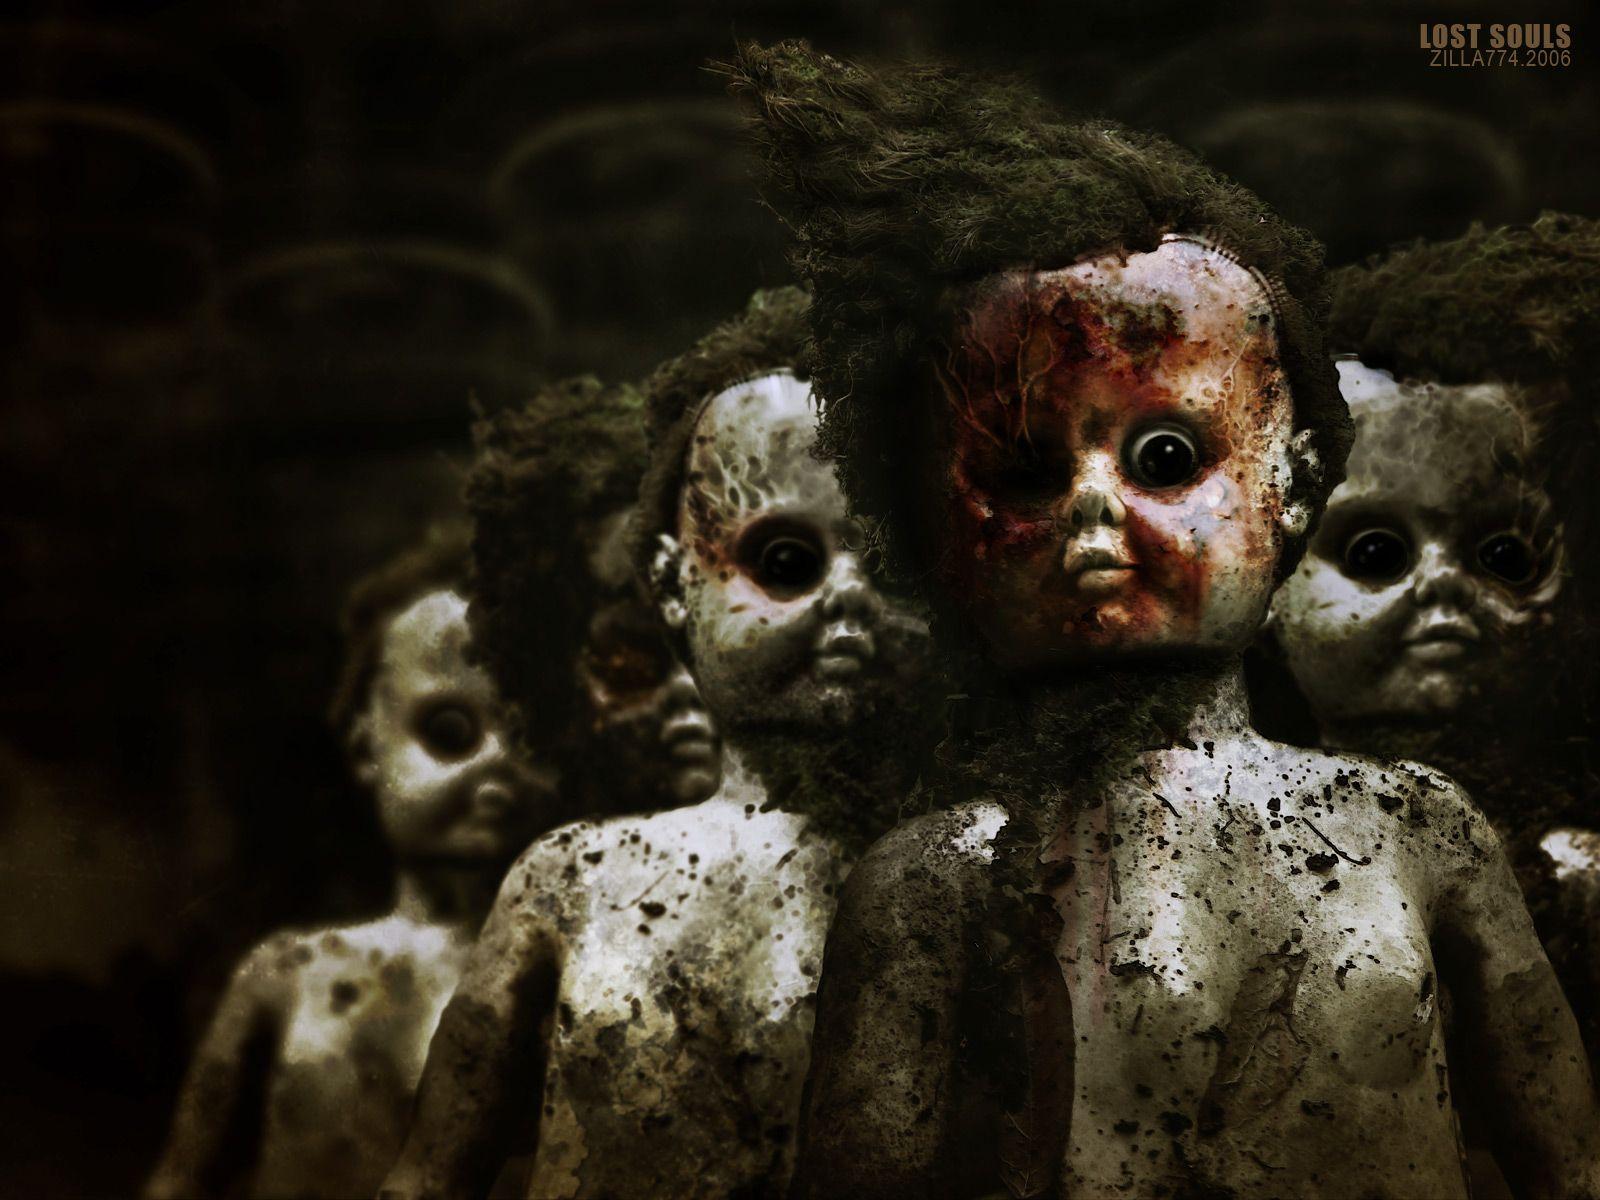 Wallpaper Horror Animaatjes 3 Jpg 1 600 1 200 Pixels With Images